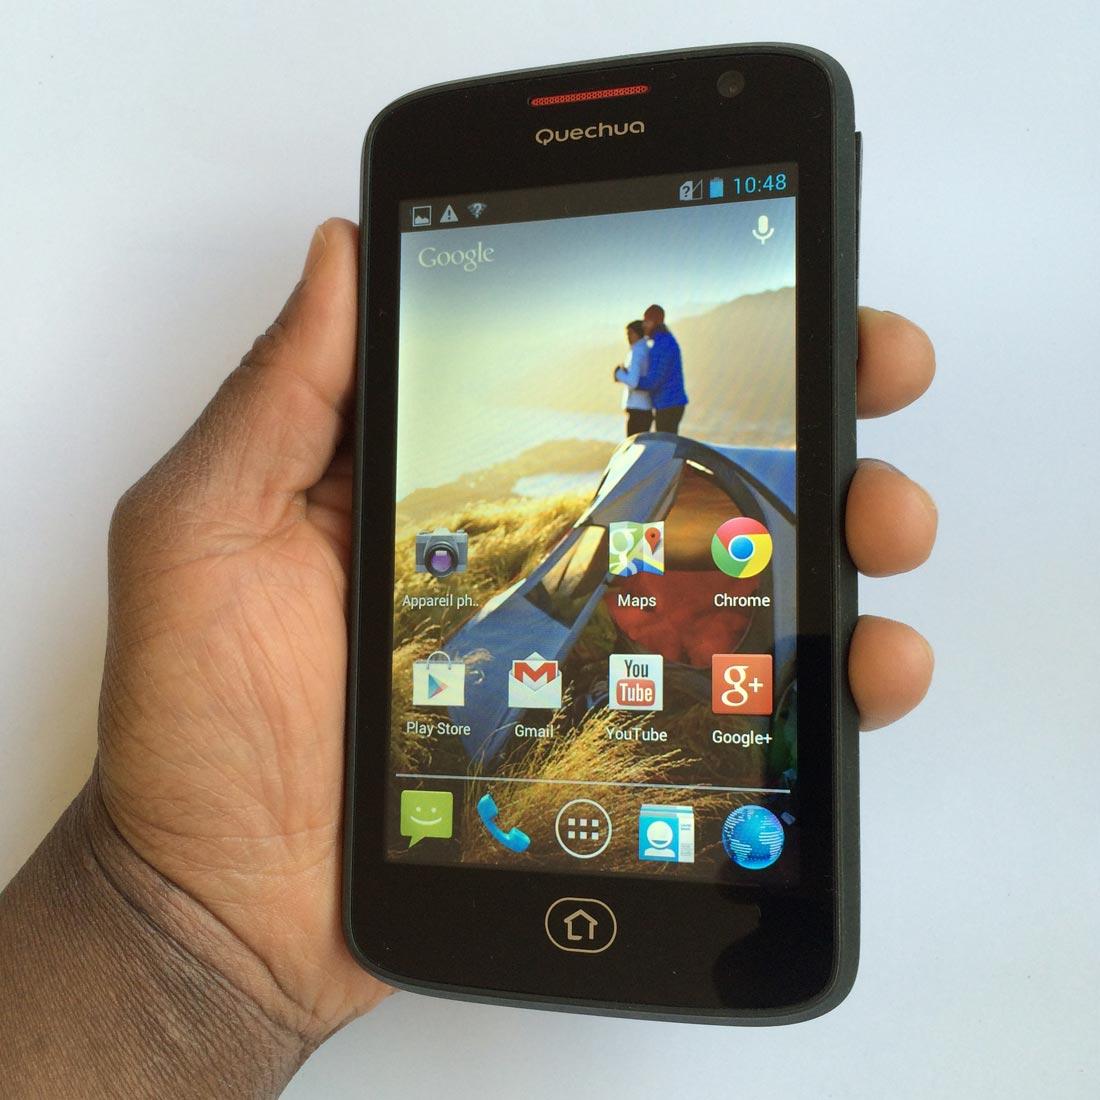 Le Quechua Phone 5 et son vaste écran. Ph. Moctar KANE.